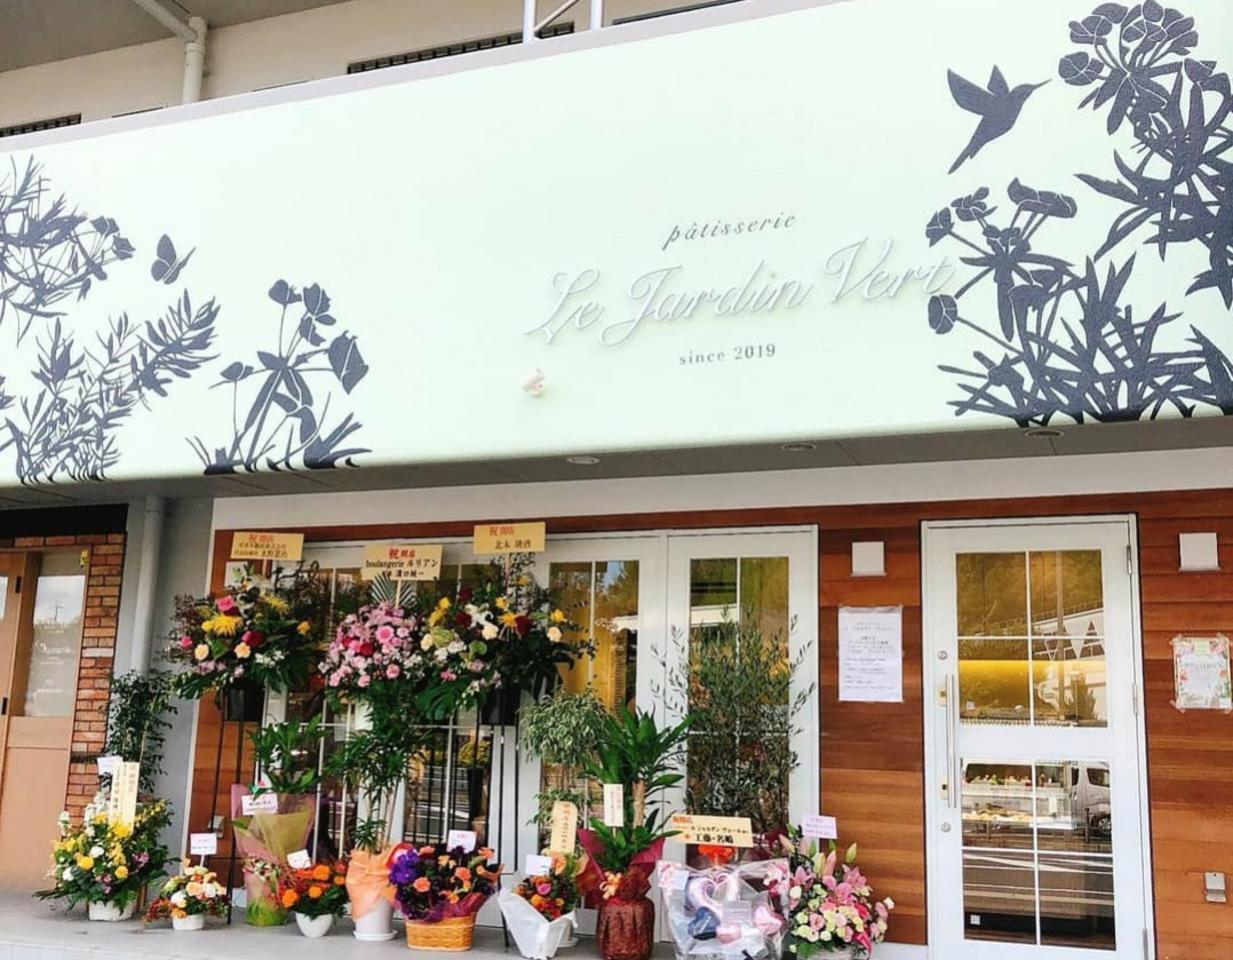 奈良県生駒市の学研北生駒駅前にパティスリー「ルジャルダンヴェール」が本日グランドオープンのようです。